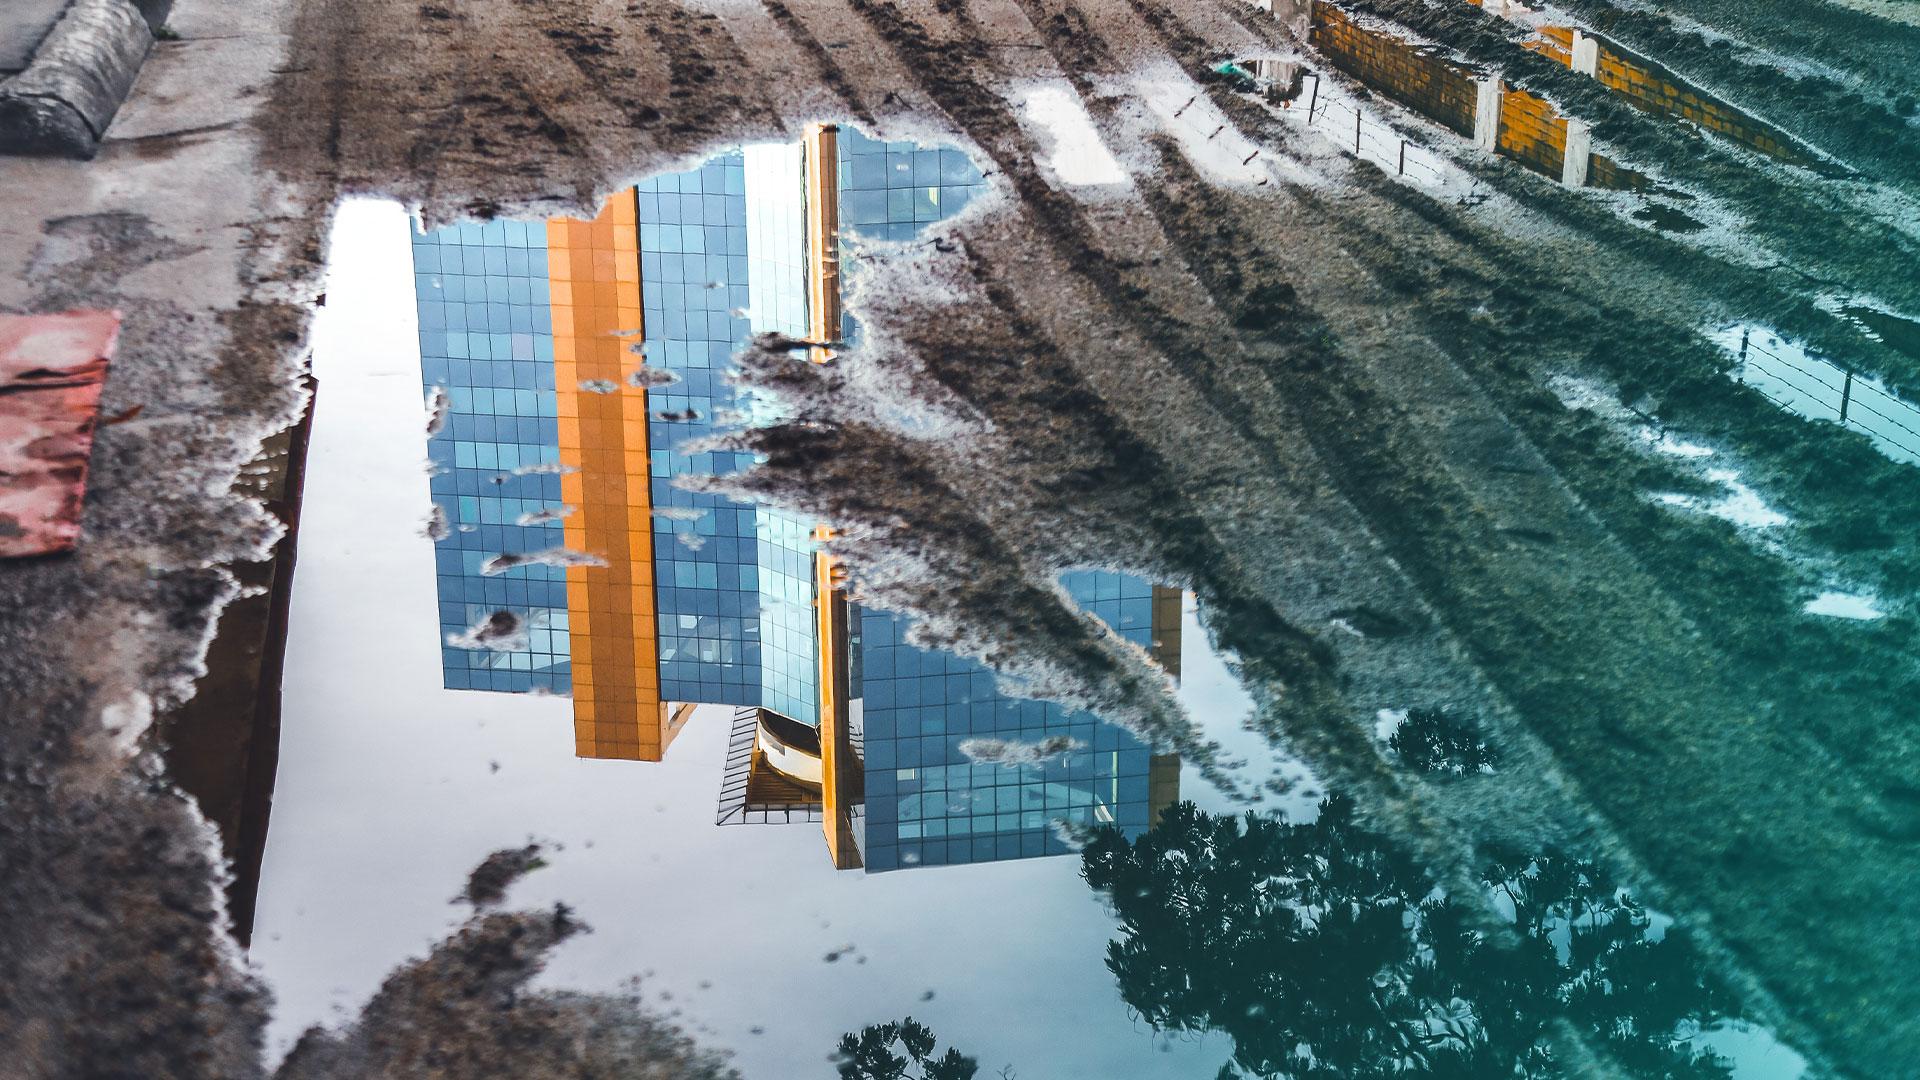 Et kontorbygg speilser seg i en sølepytt